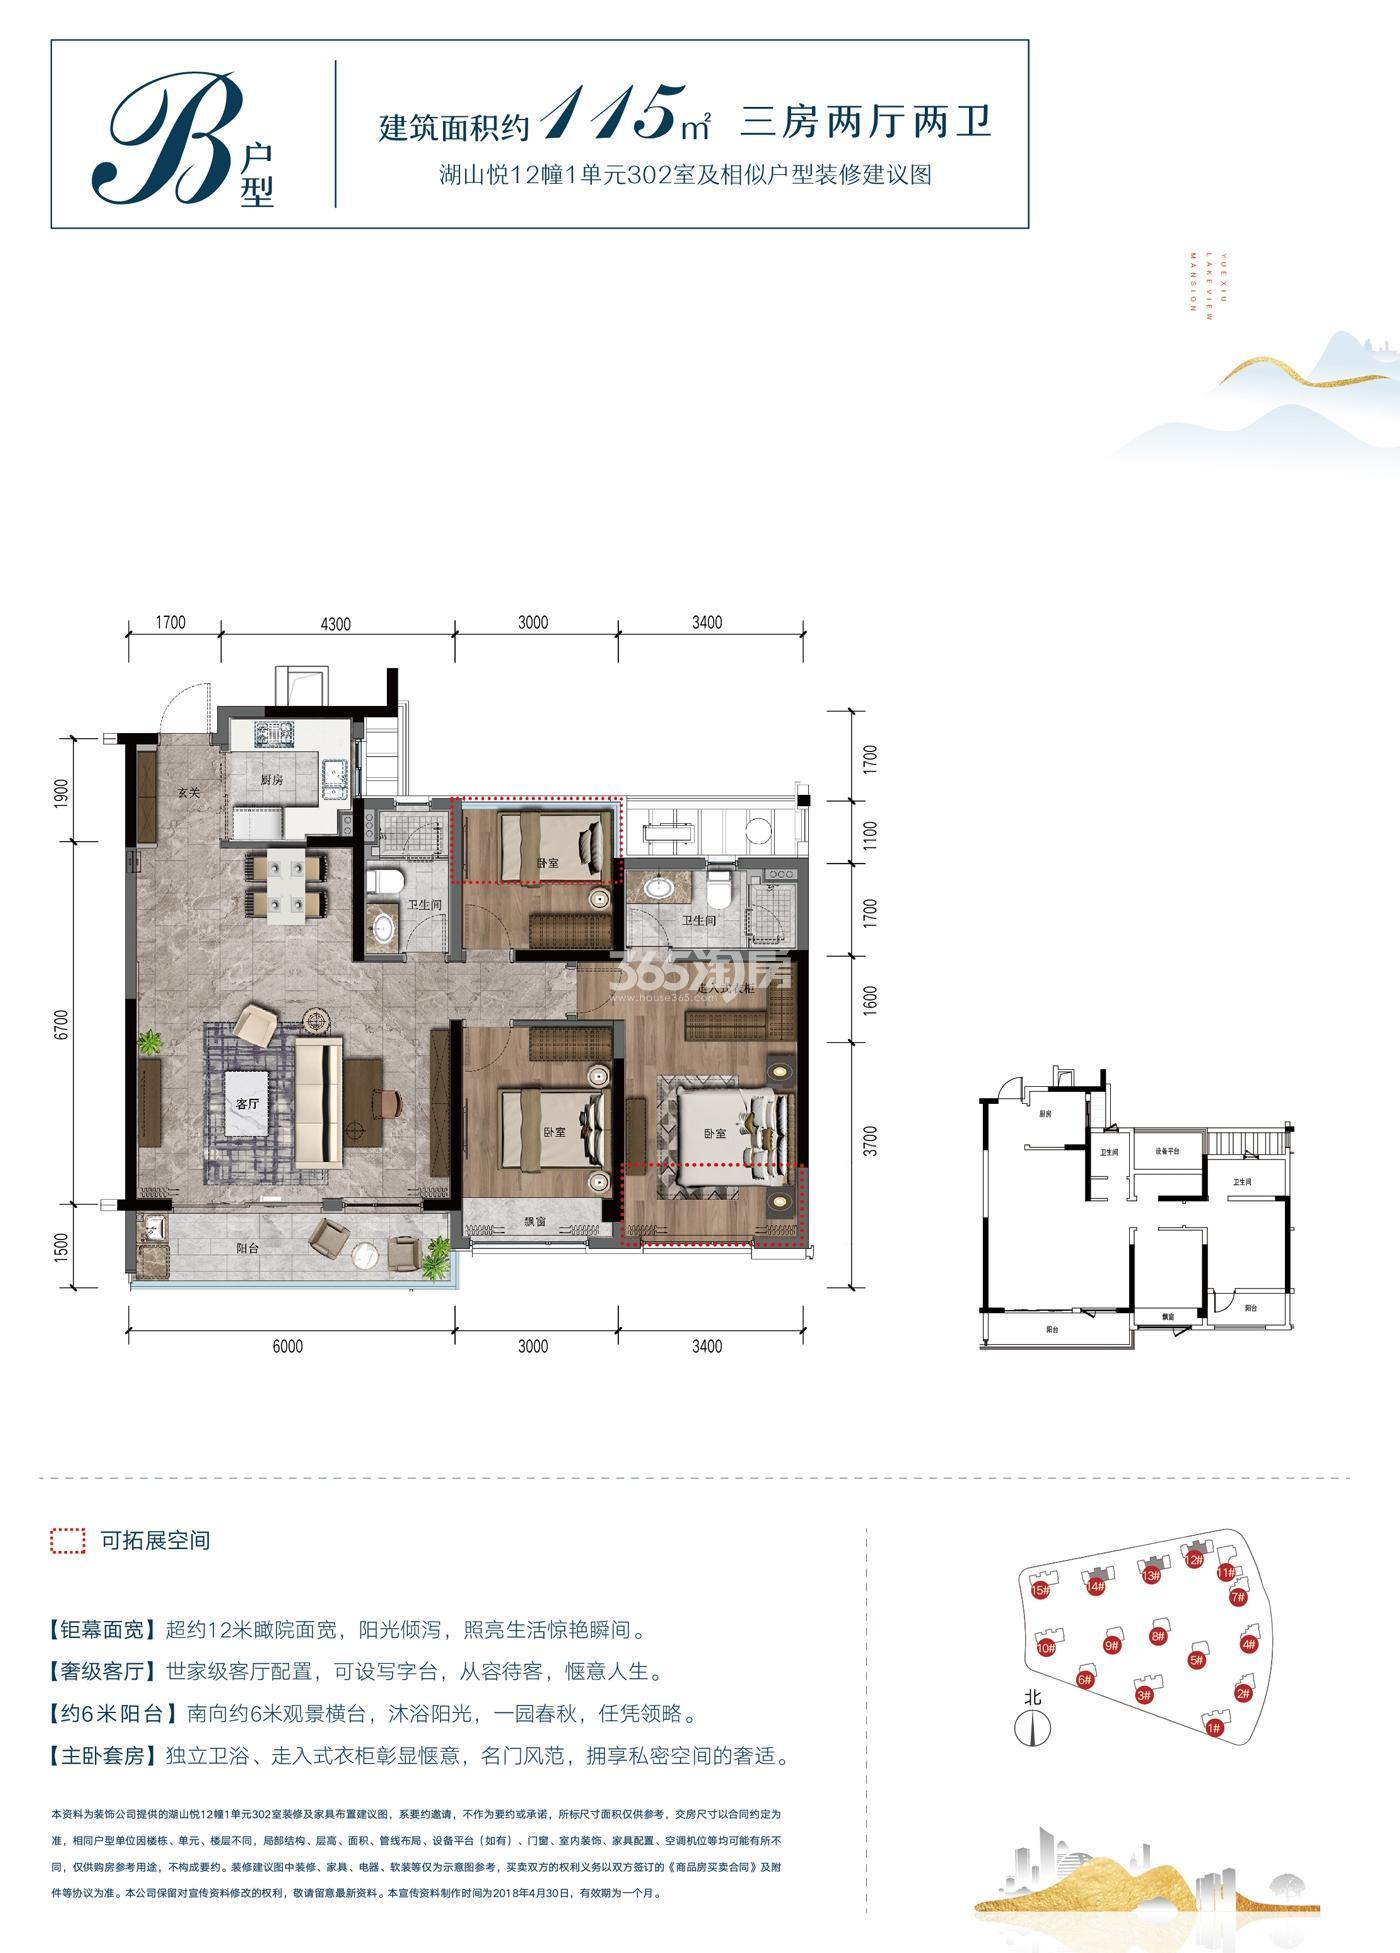 越秀湖山悦115㎡户型图(12-14#中间套)